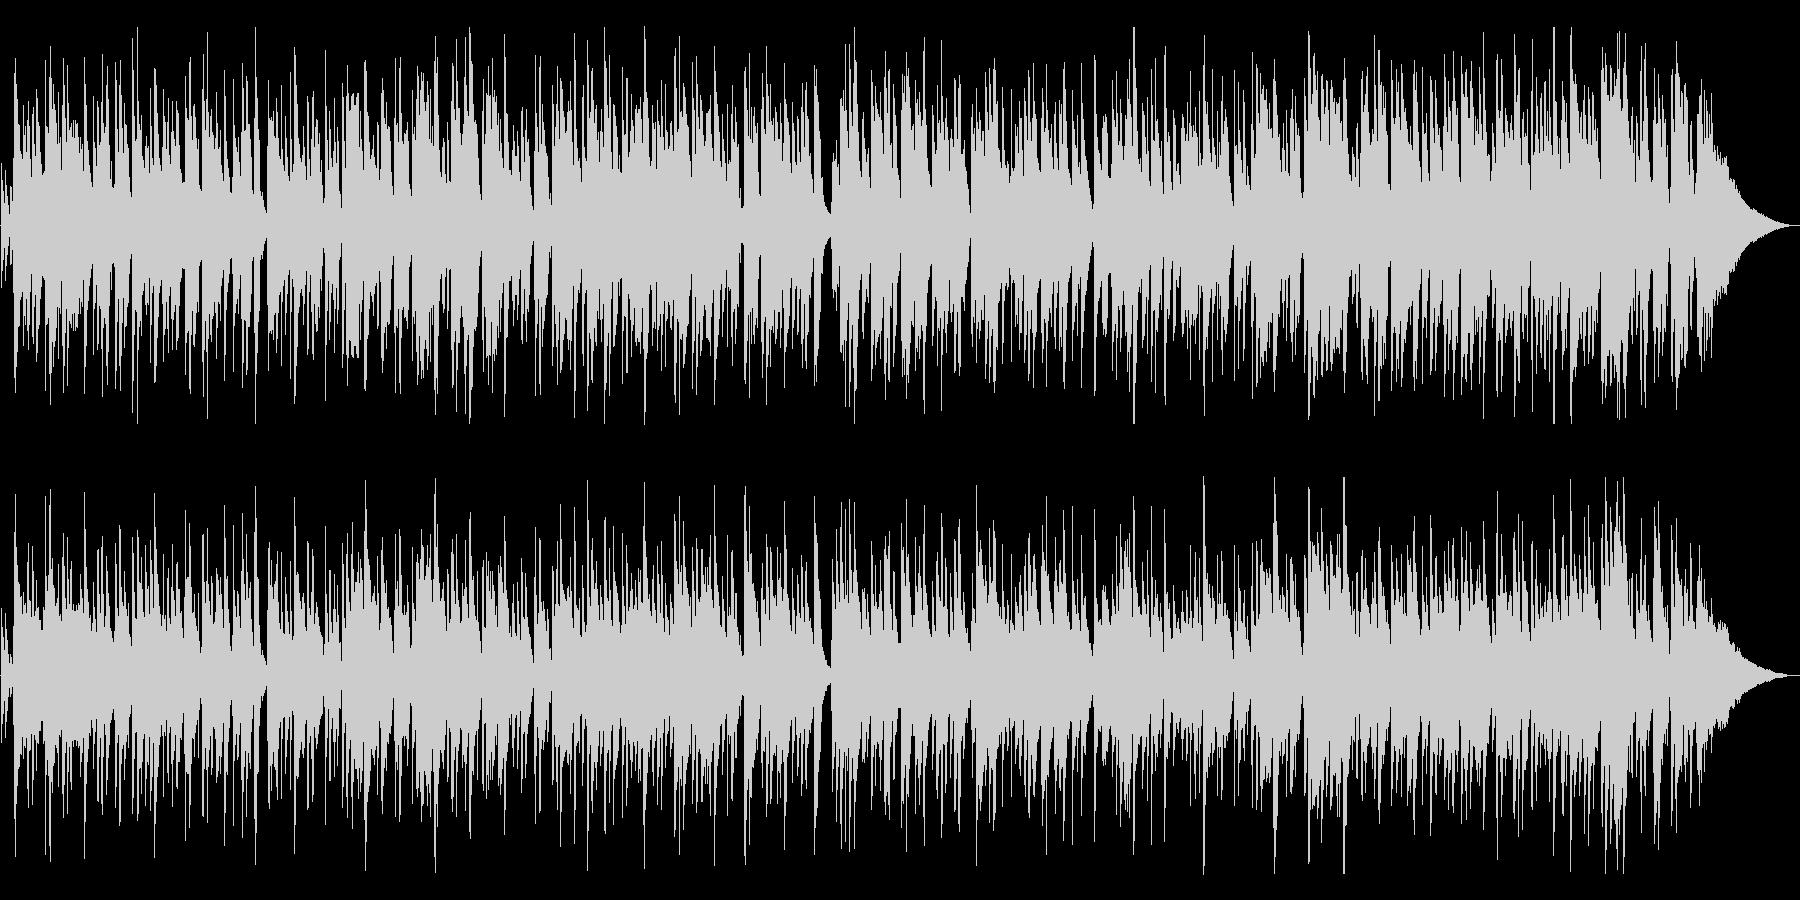 リラックスできる綺麗なピアノ曲の未再生の波形